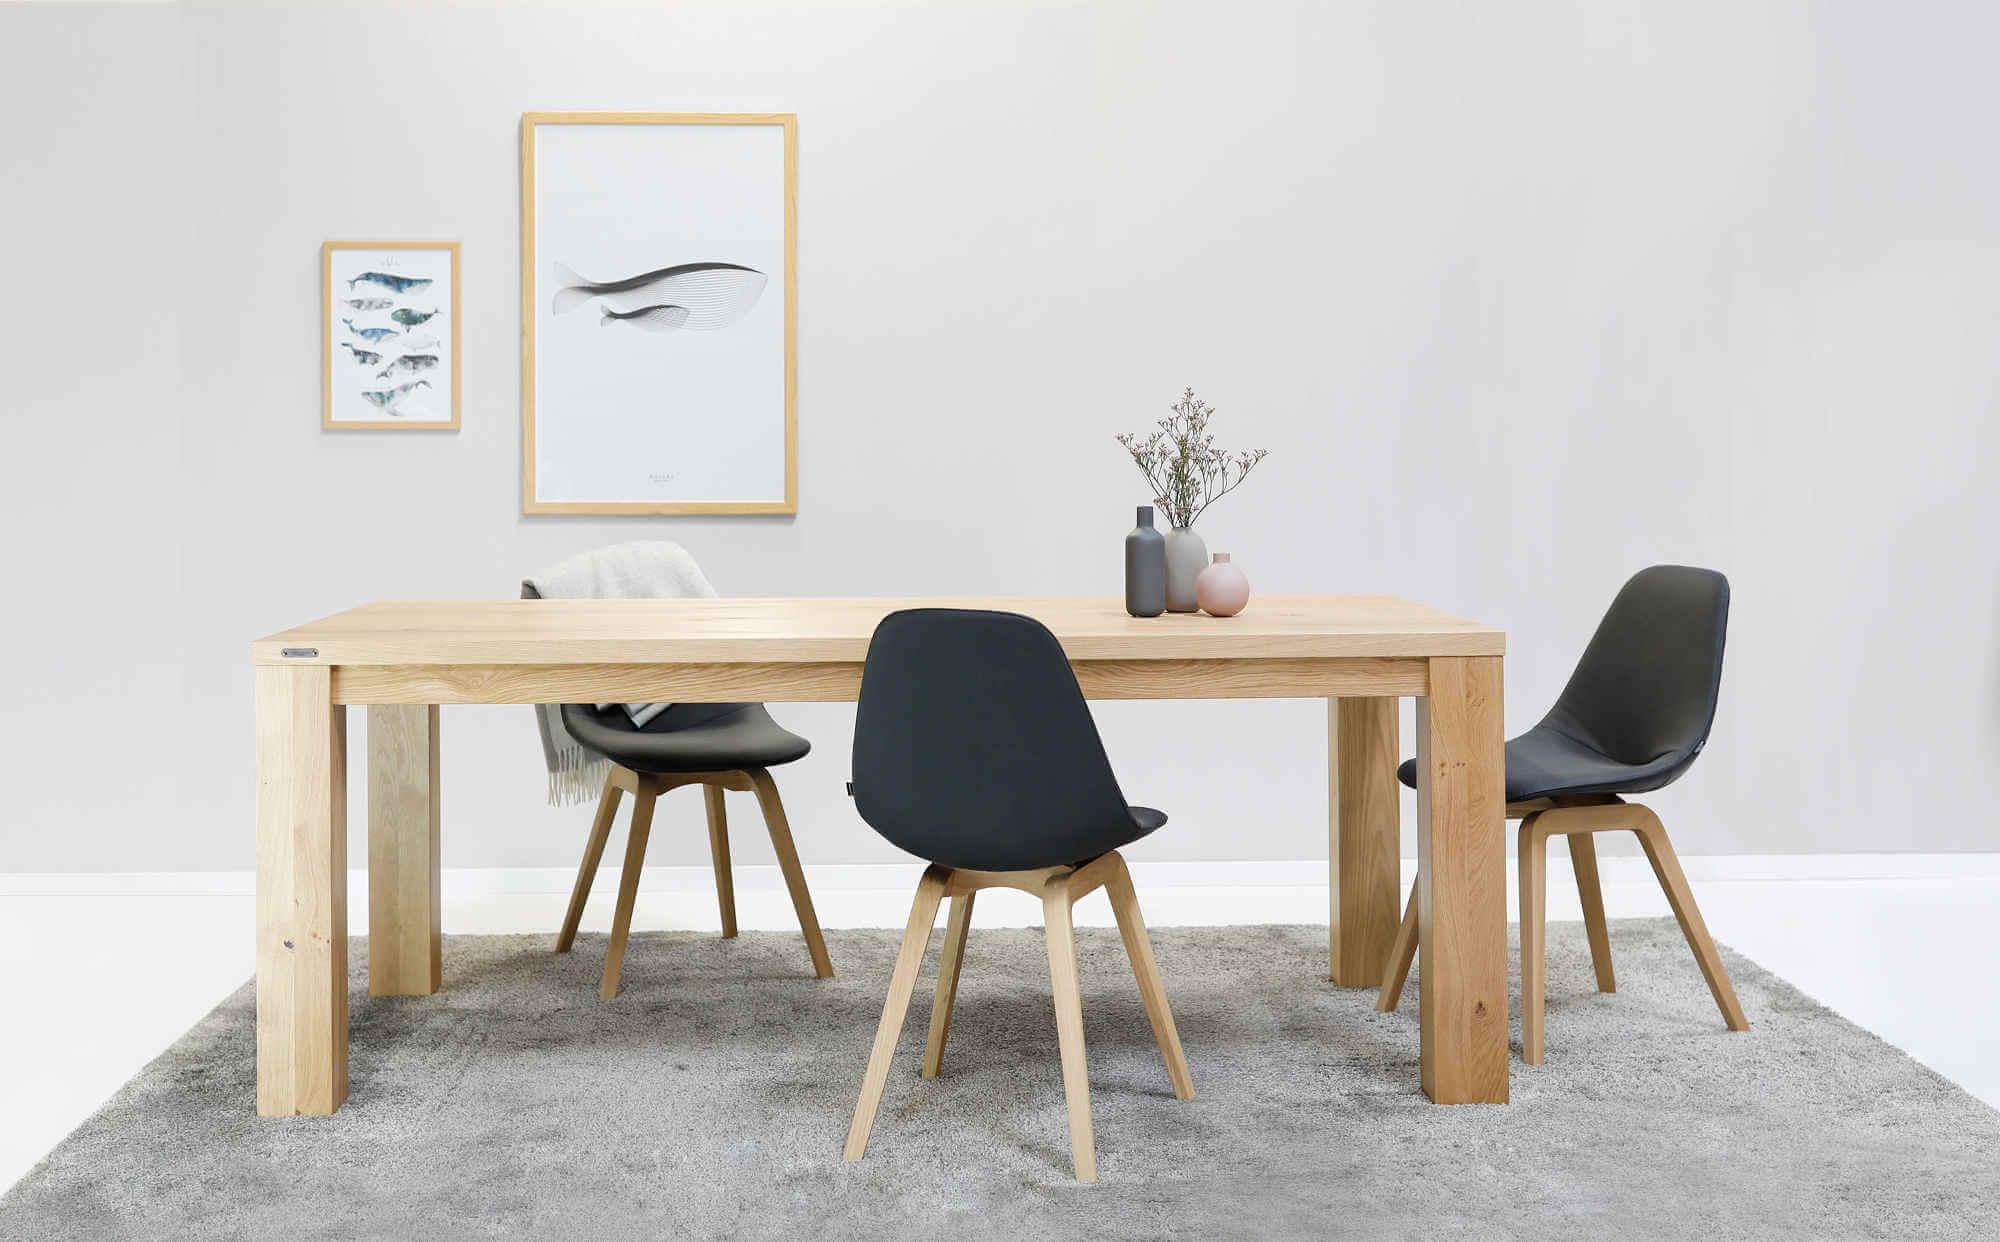 massivholz esstisch franz nach ma goldau noelle manufaktur. Black Bedroom Furniture Sets. Home Design Ideas